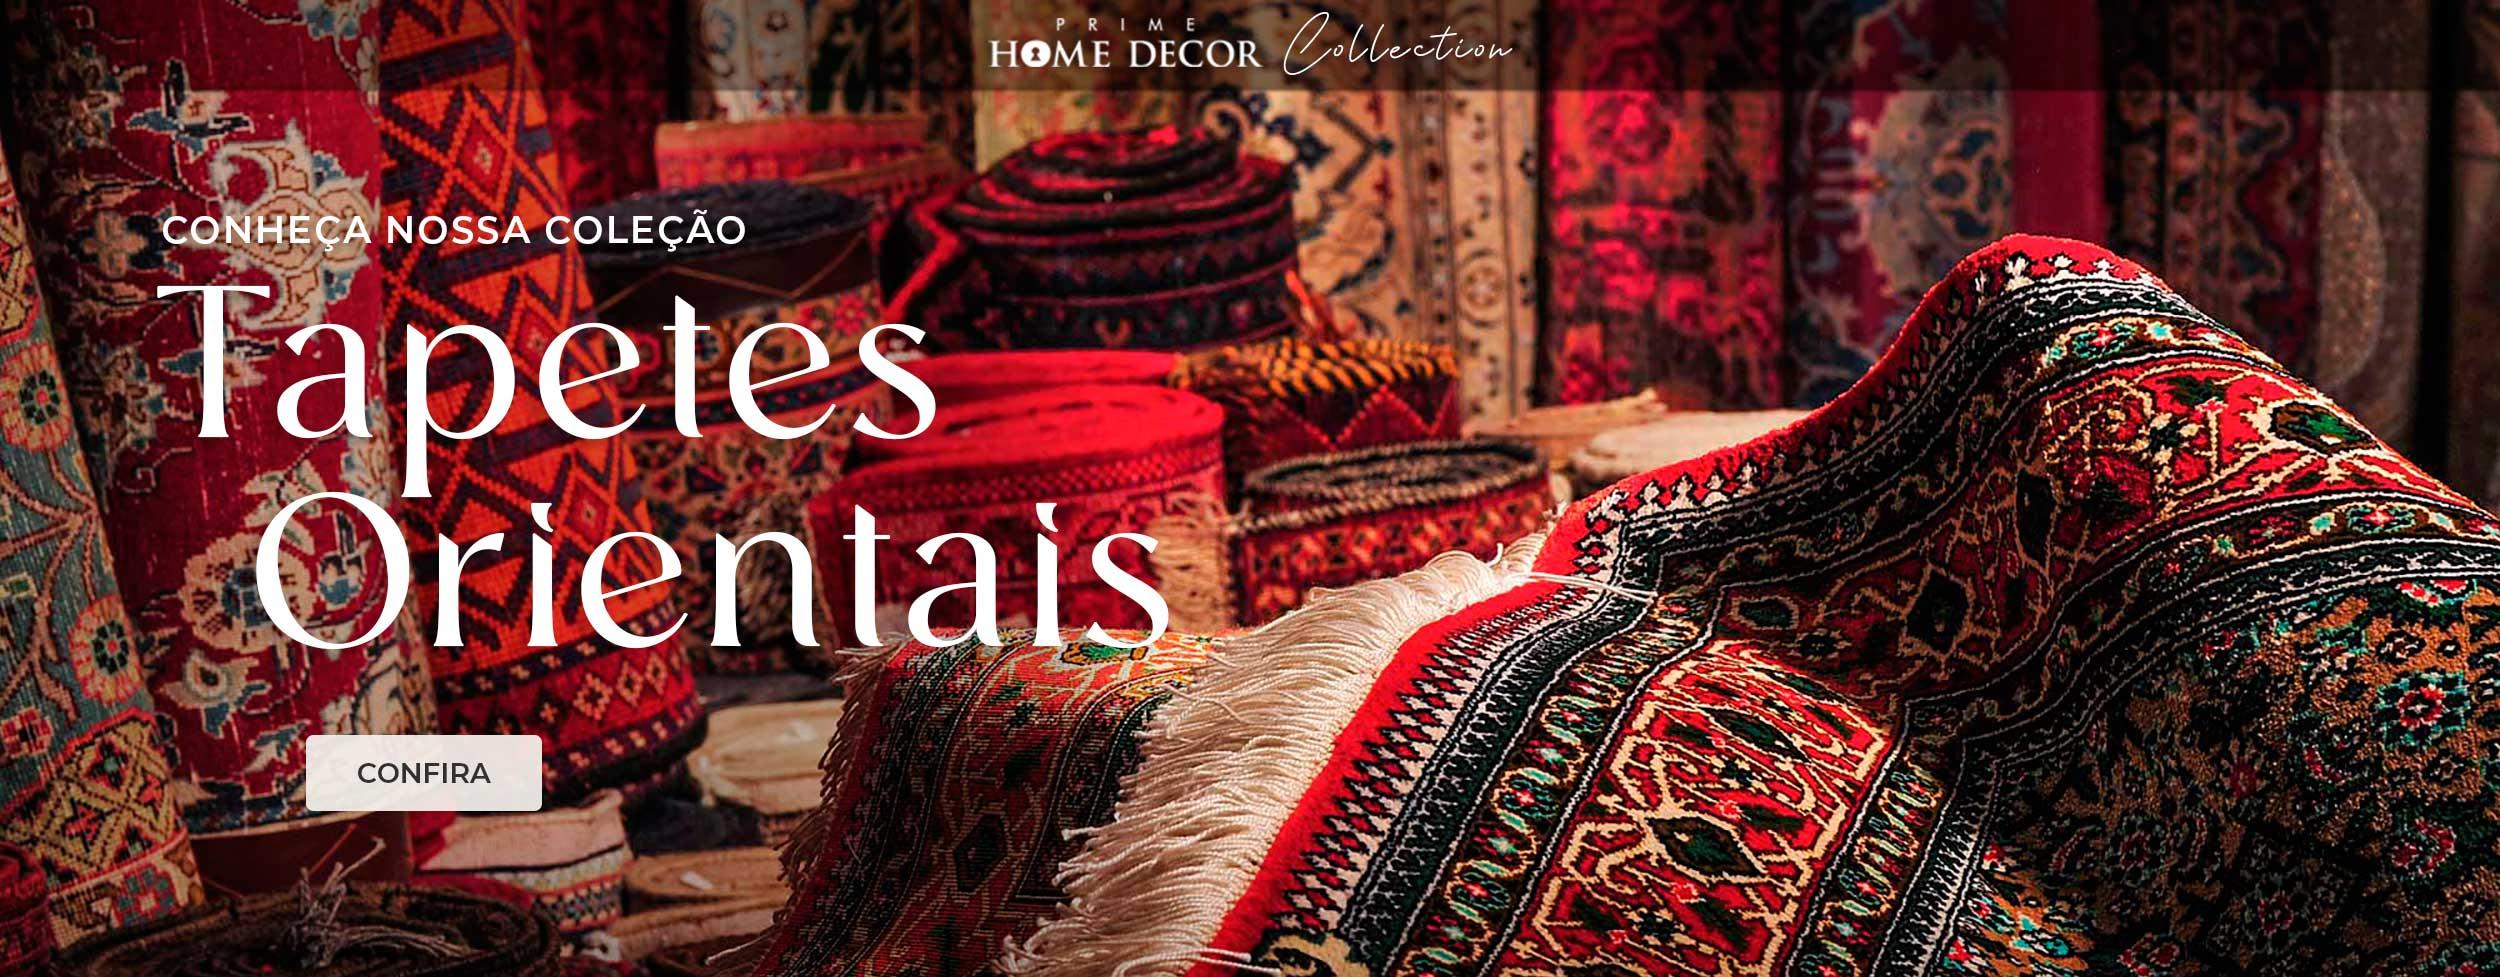 Prime Home Decor Collection - Tapetes Orientais